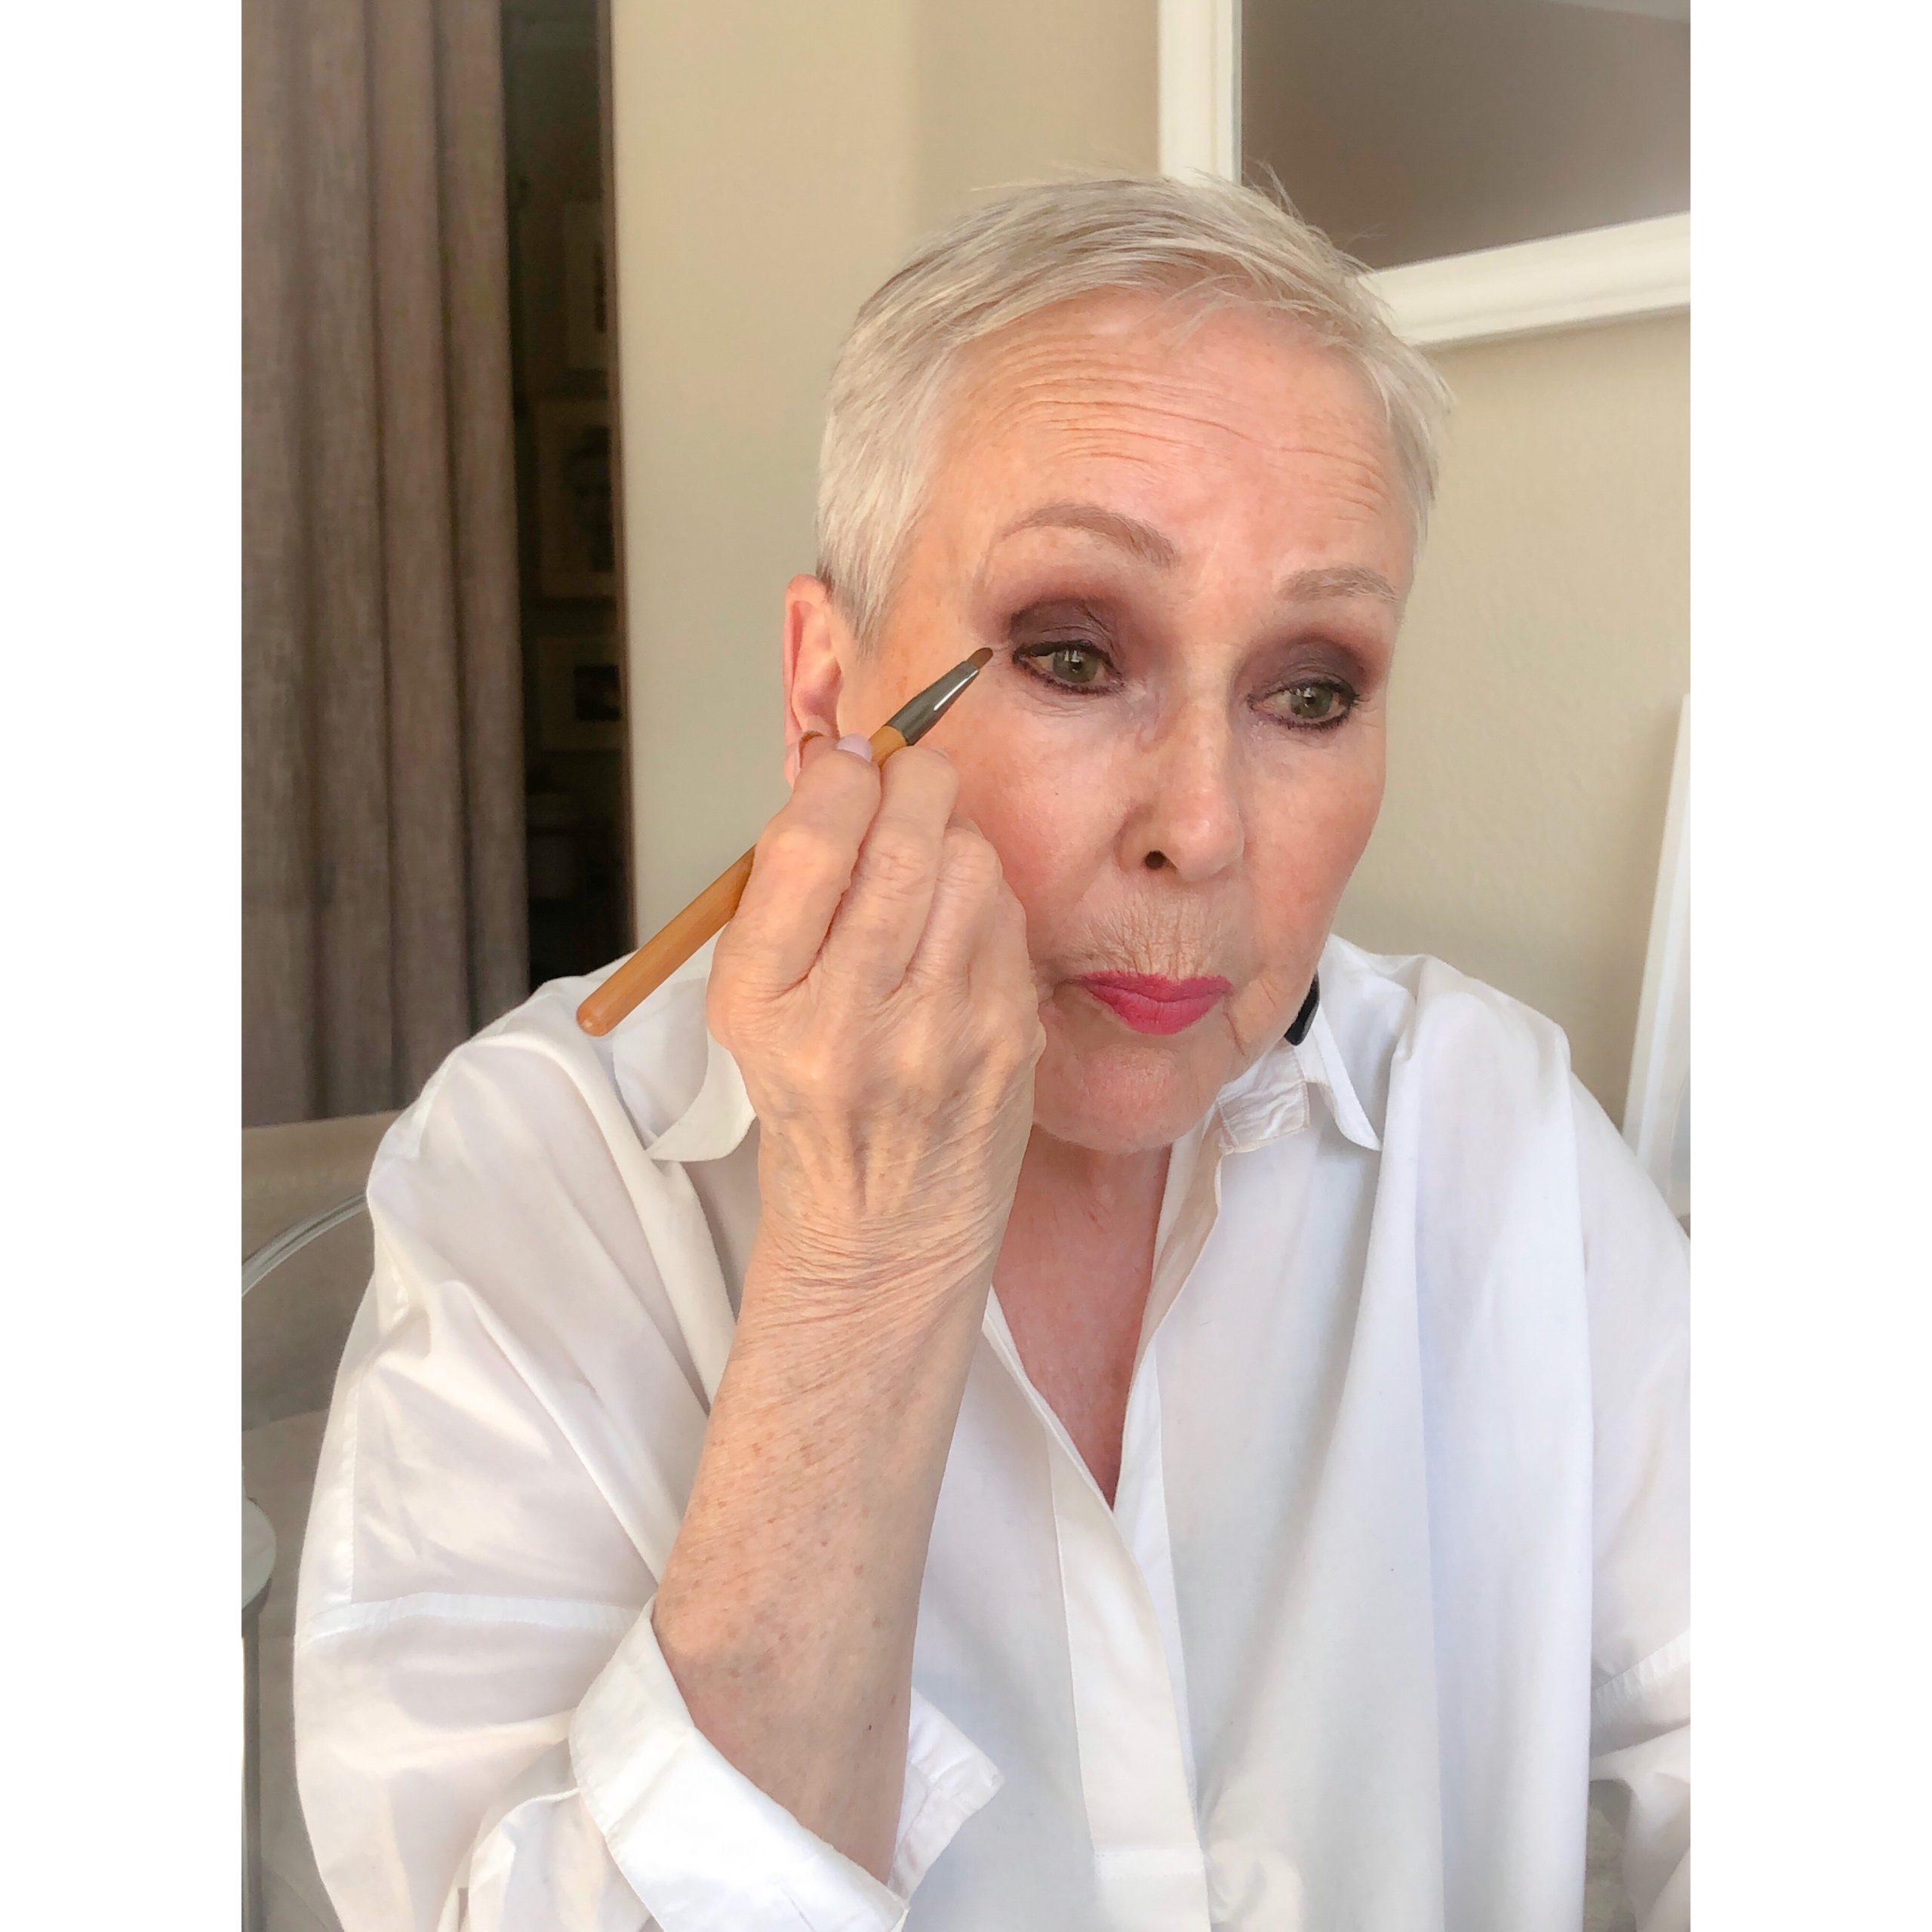 Hyvä meikkisivellin monitoimi